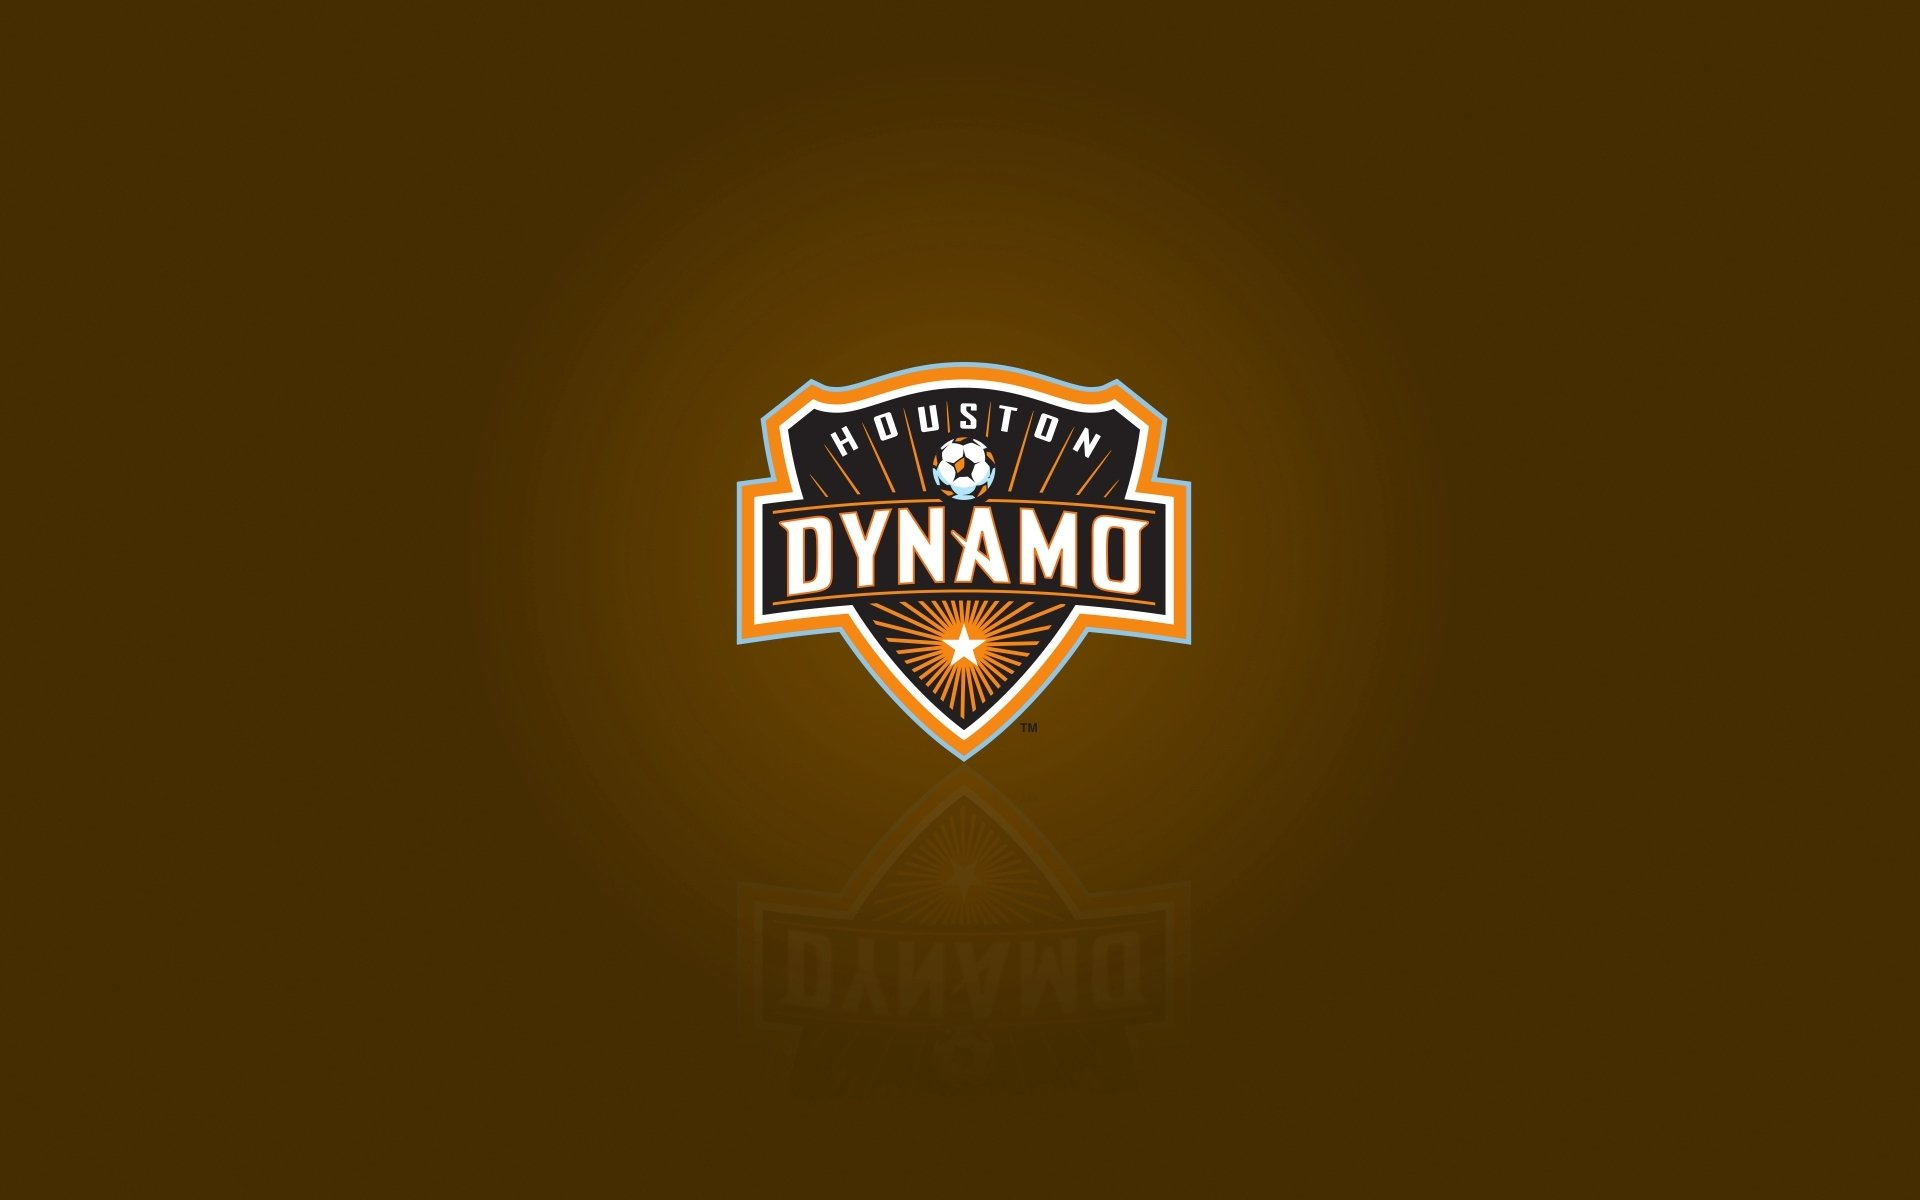 Dynamo fondos